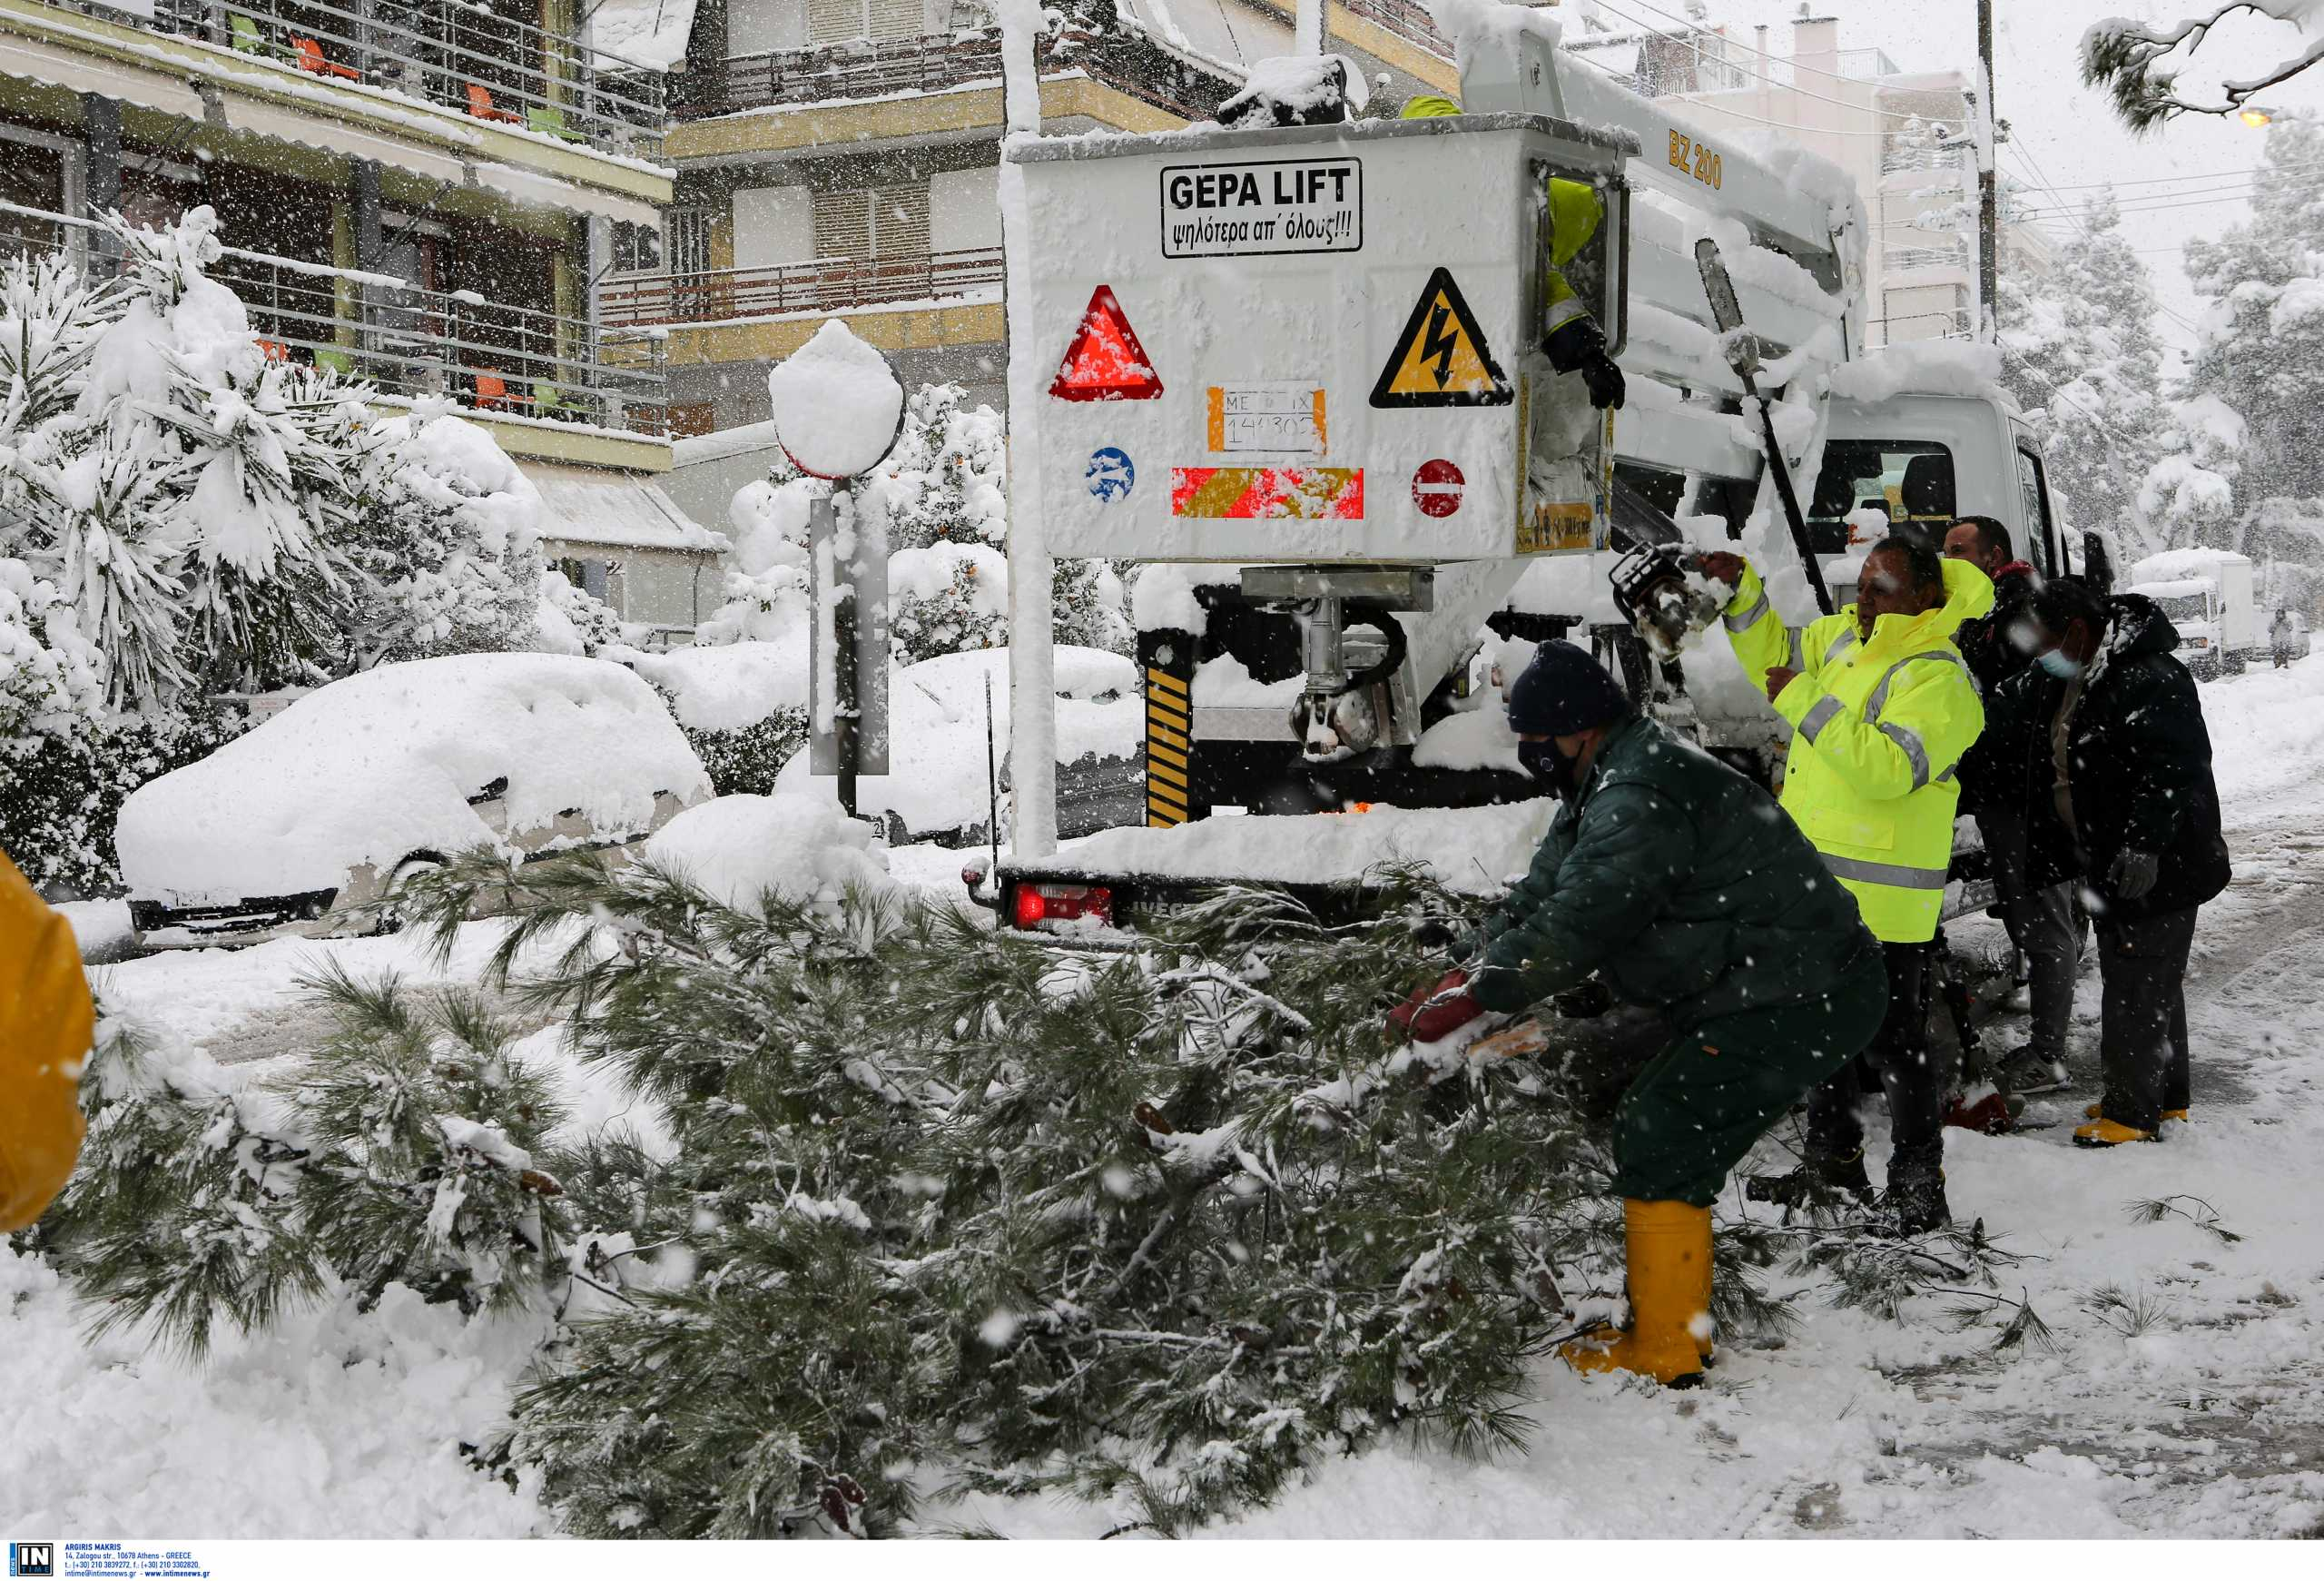 Περισσότερα από 20 δέντρα έχουν πέσει στον δήμο Πεντέλης